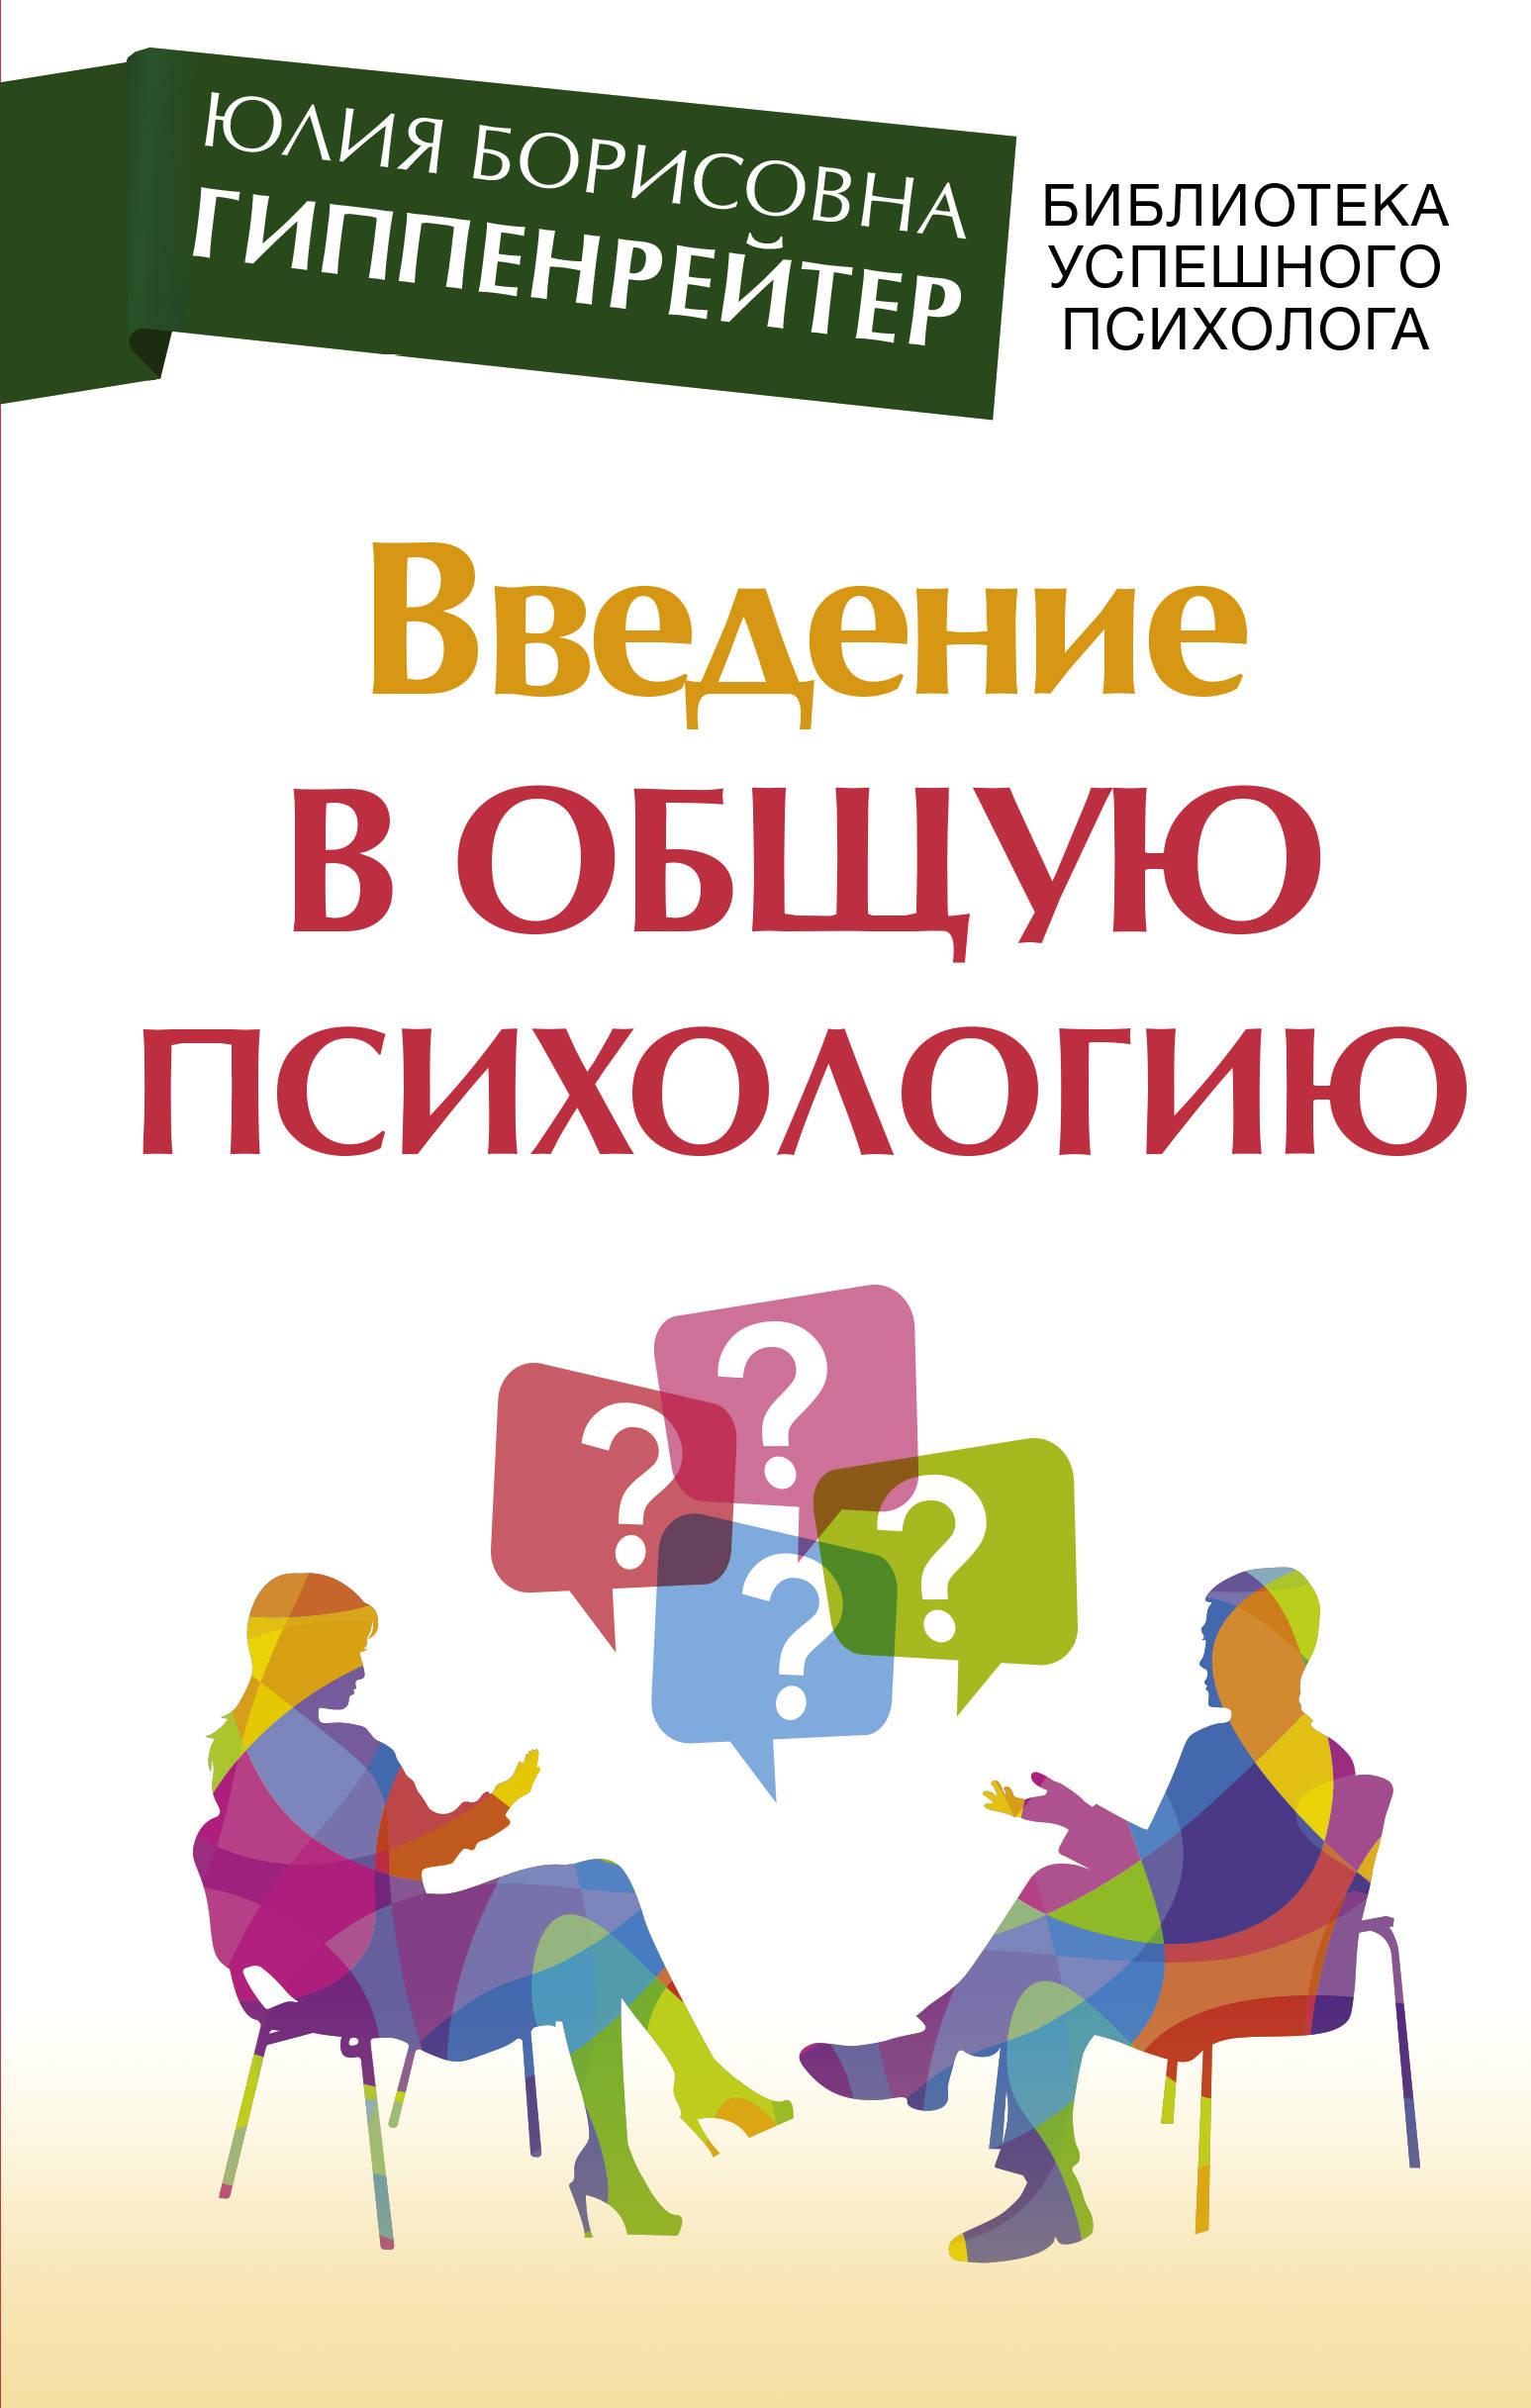 Введение в общую психологию. Гиппенрейтер Юлия Борисовна